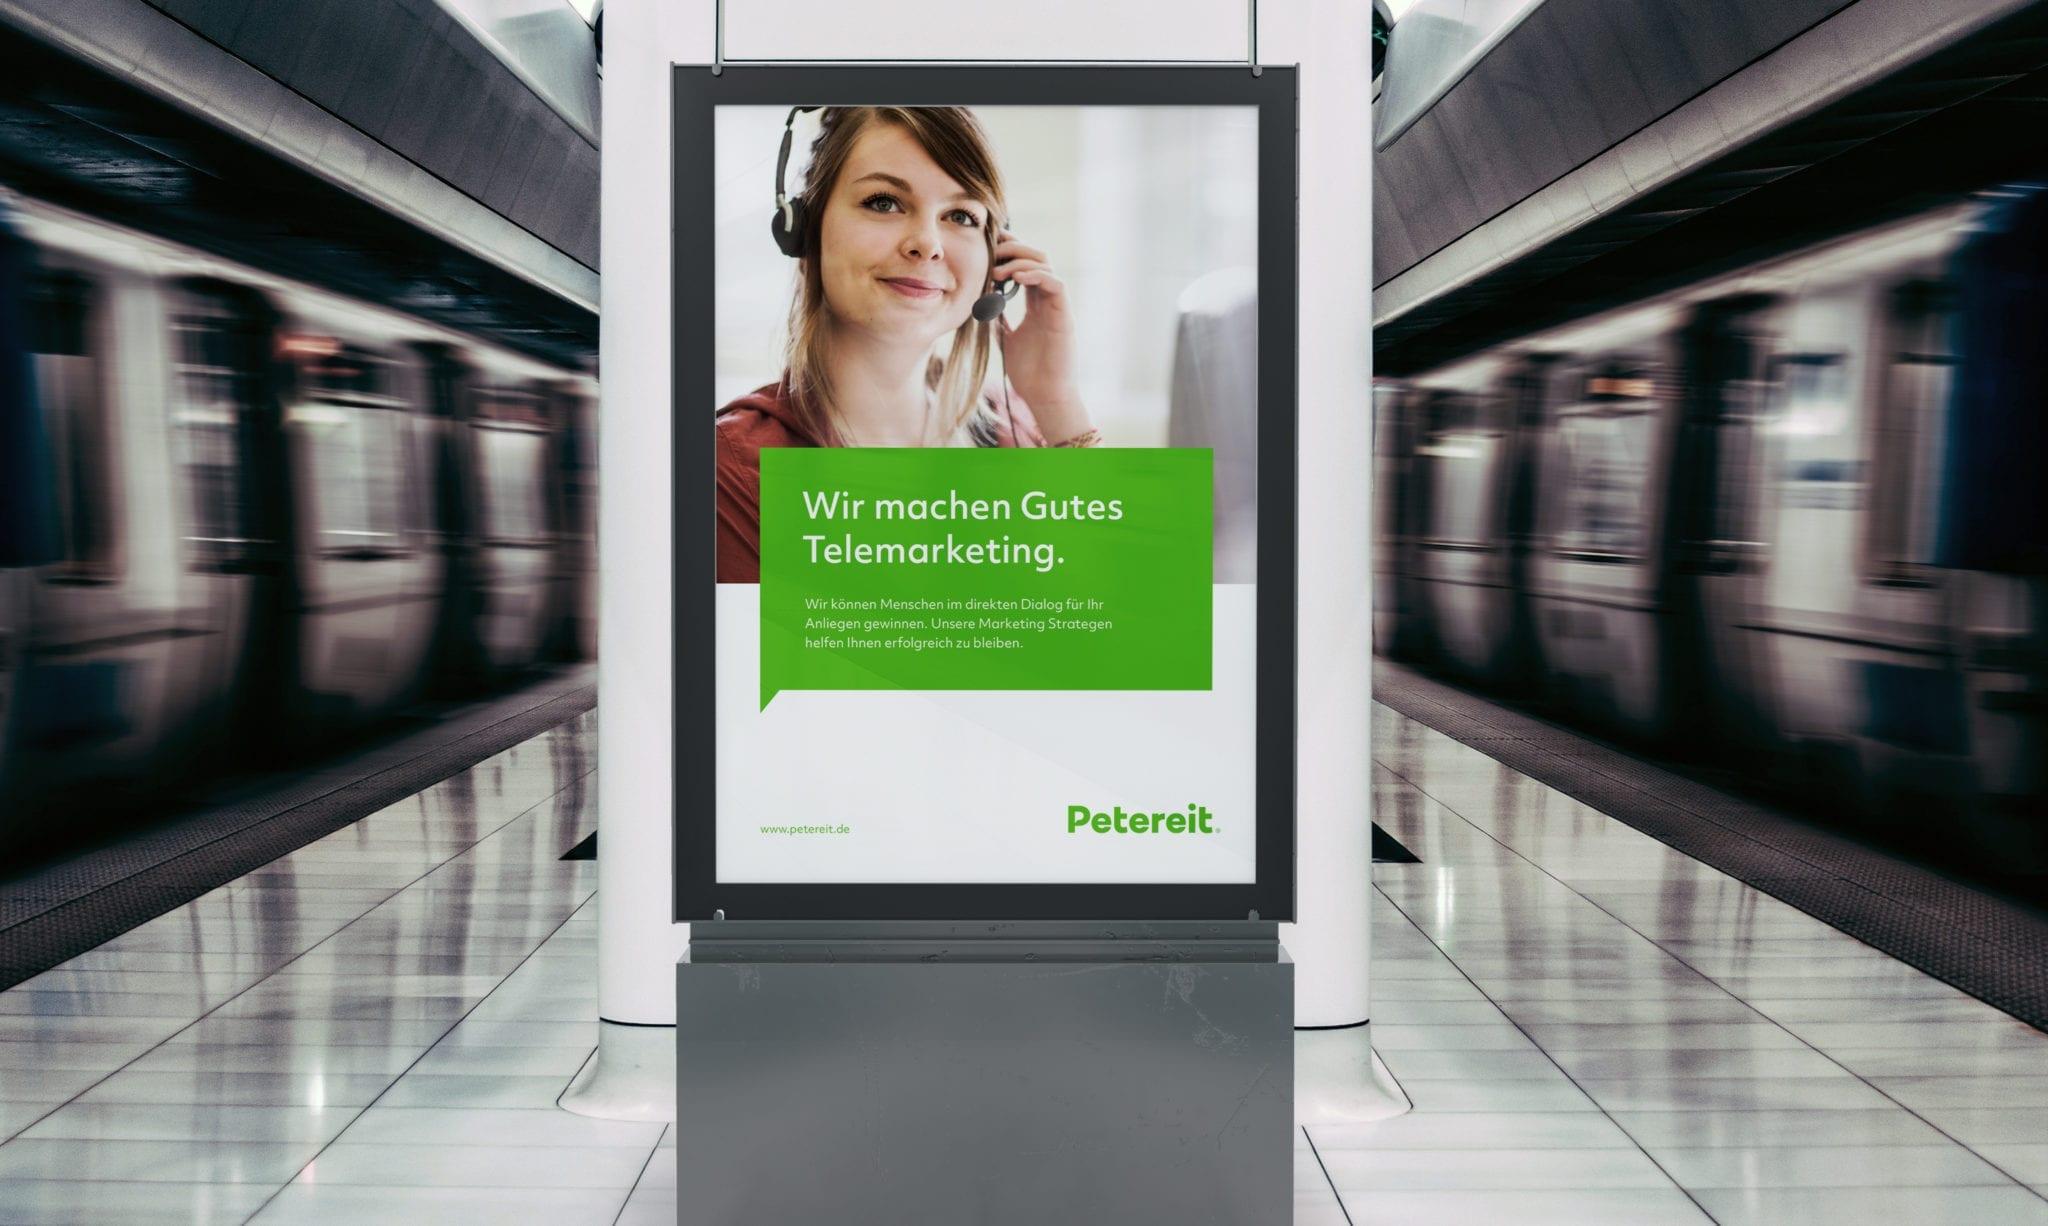 Petereit Plakat an U-Bahn Station